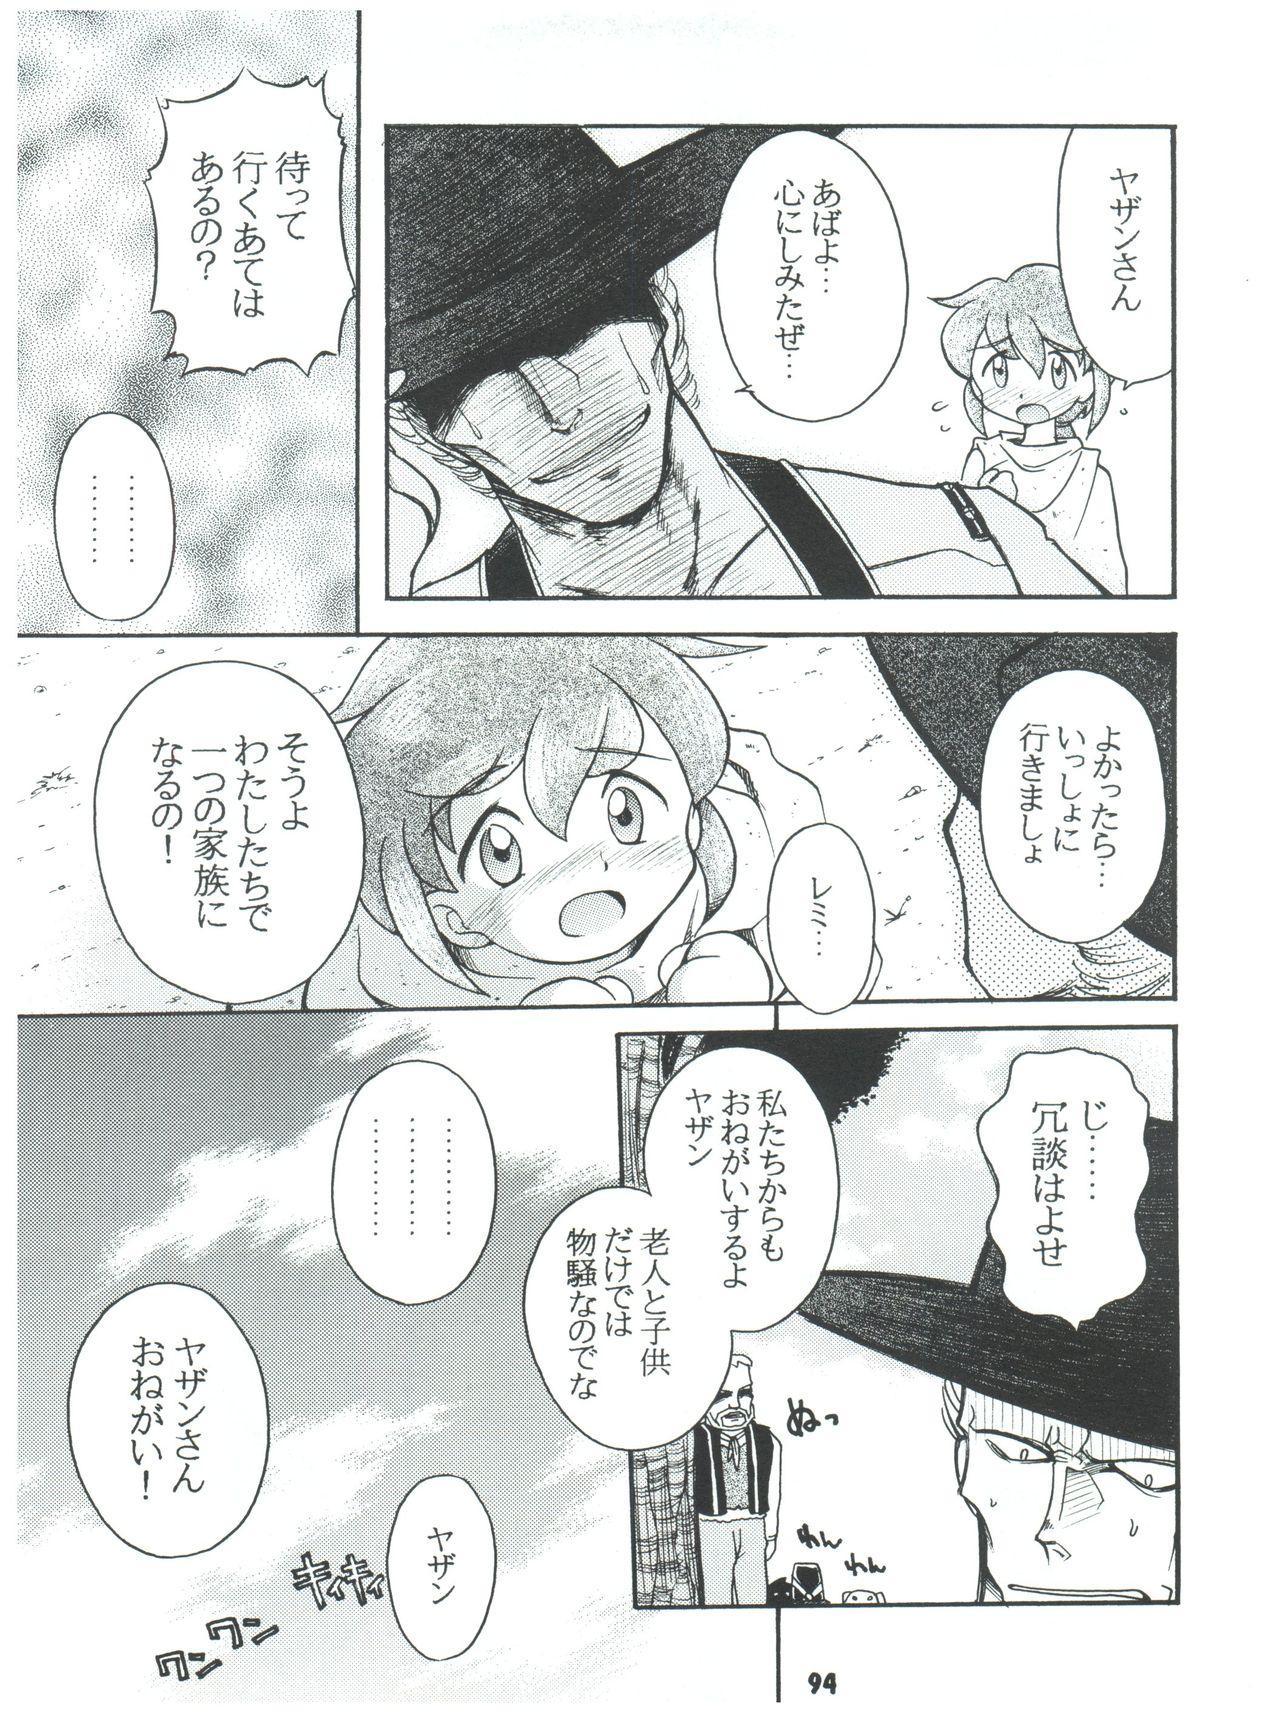 [Sairo Publishing (J. Sairo) En-Jack 2 (Various) 93